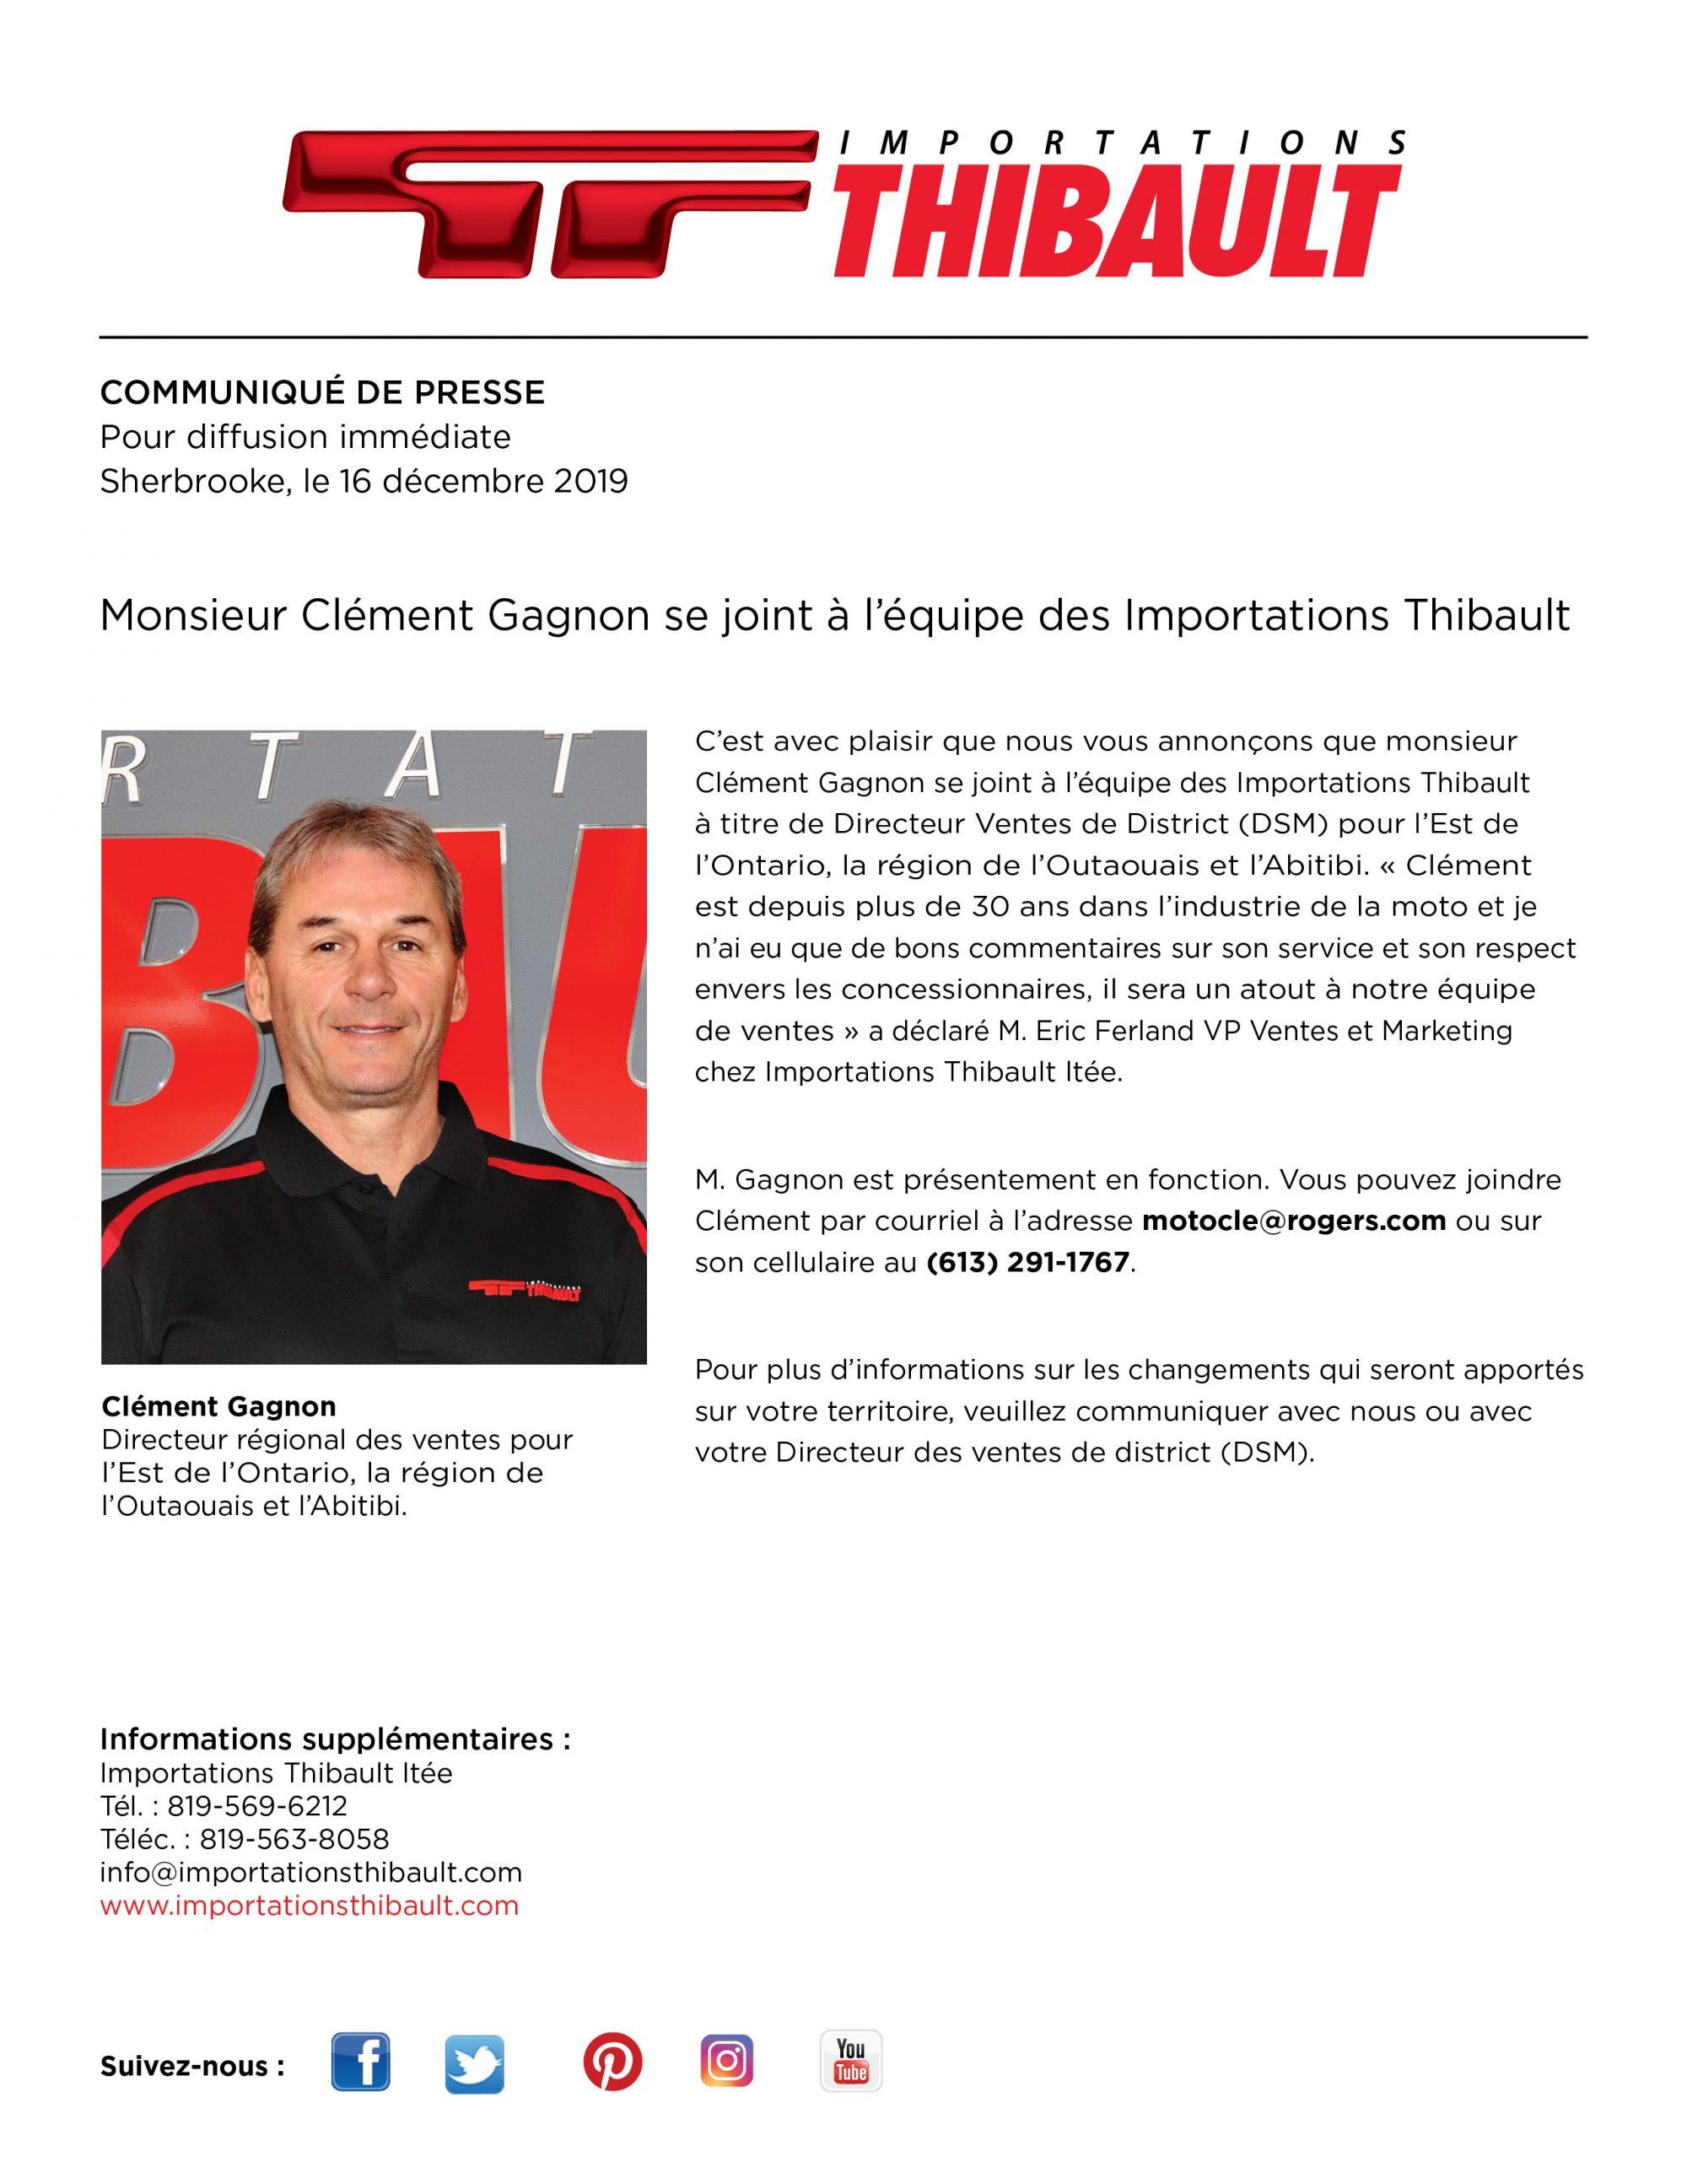 Monsieur Clément Gagnon se joint à l'équipe d'Importations Thibault.